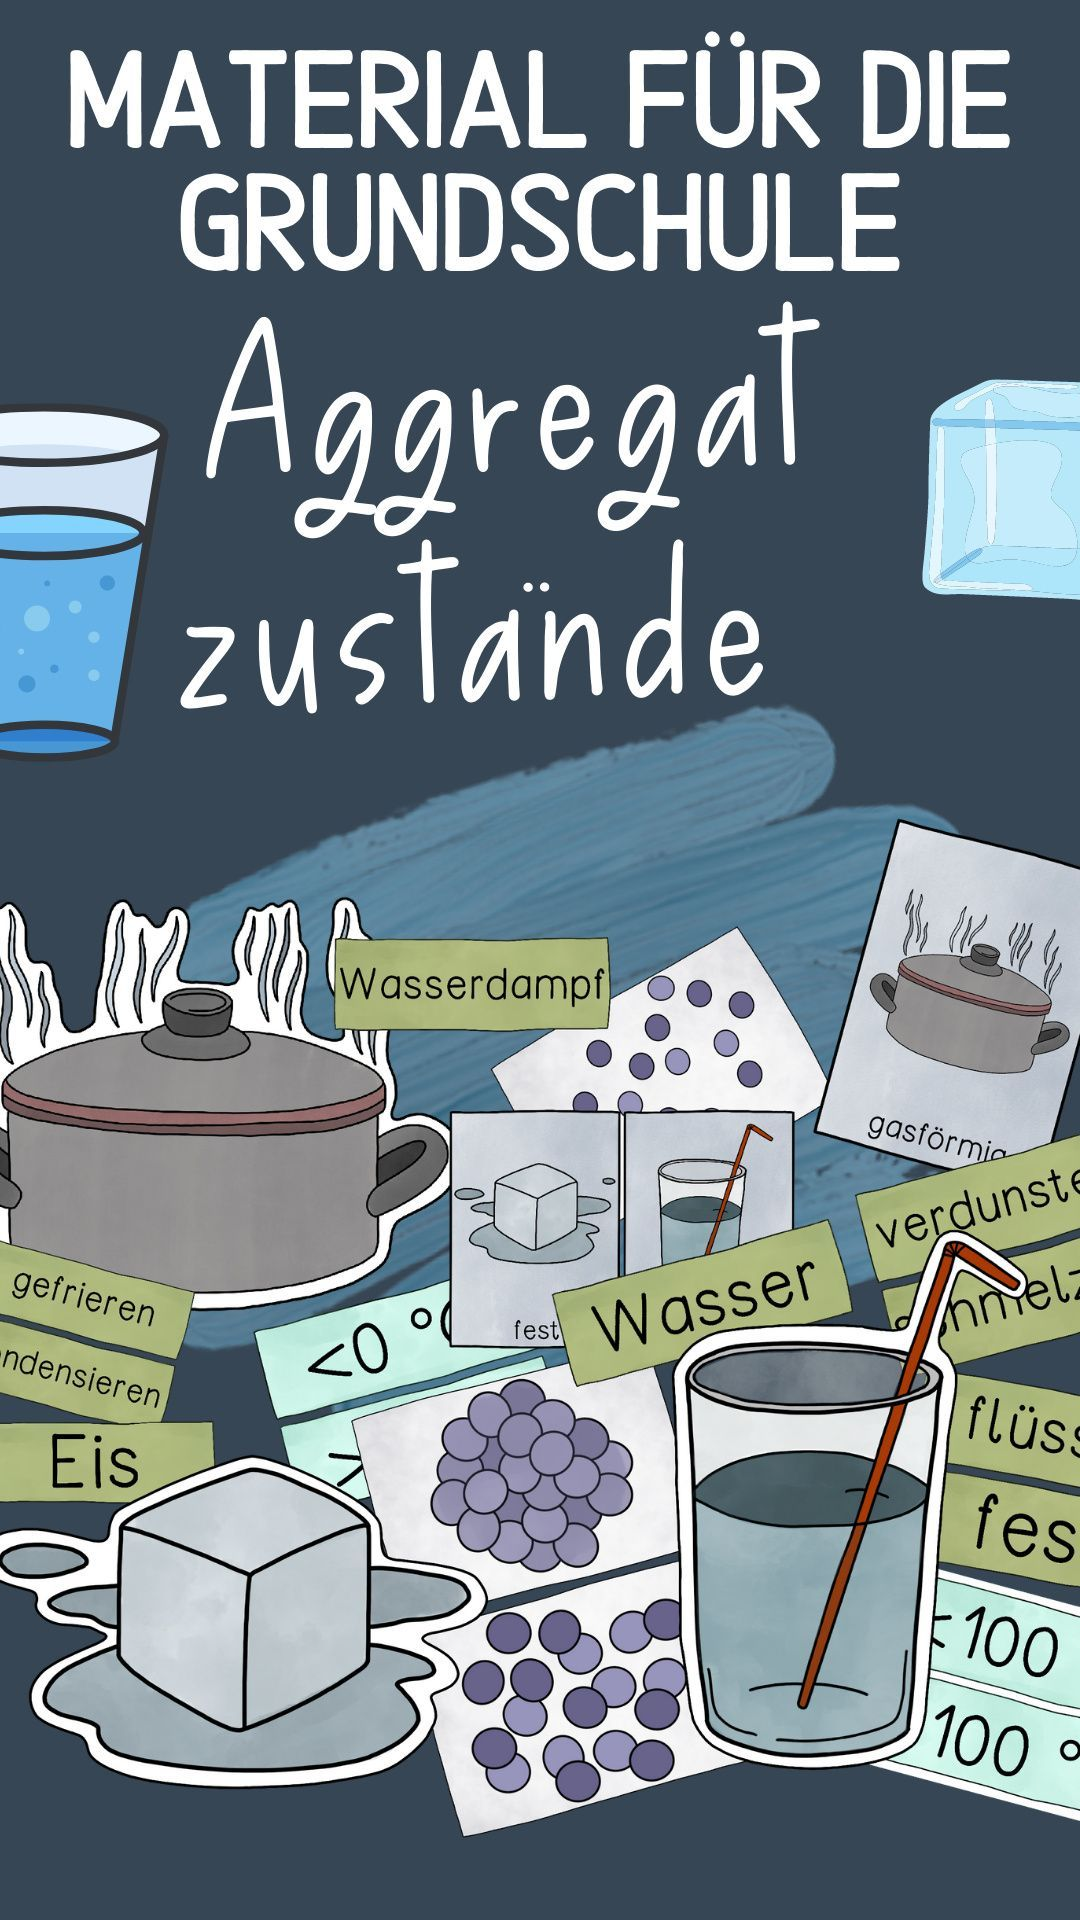 Aggregatzustände in der Grundschule   Tafelmaterial & Bildkarten ...